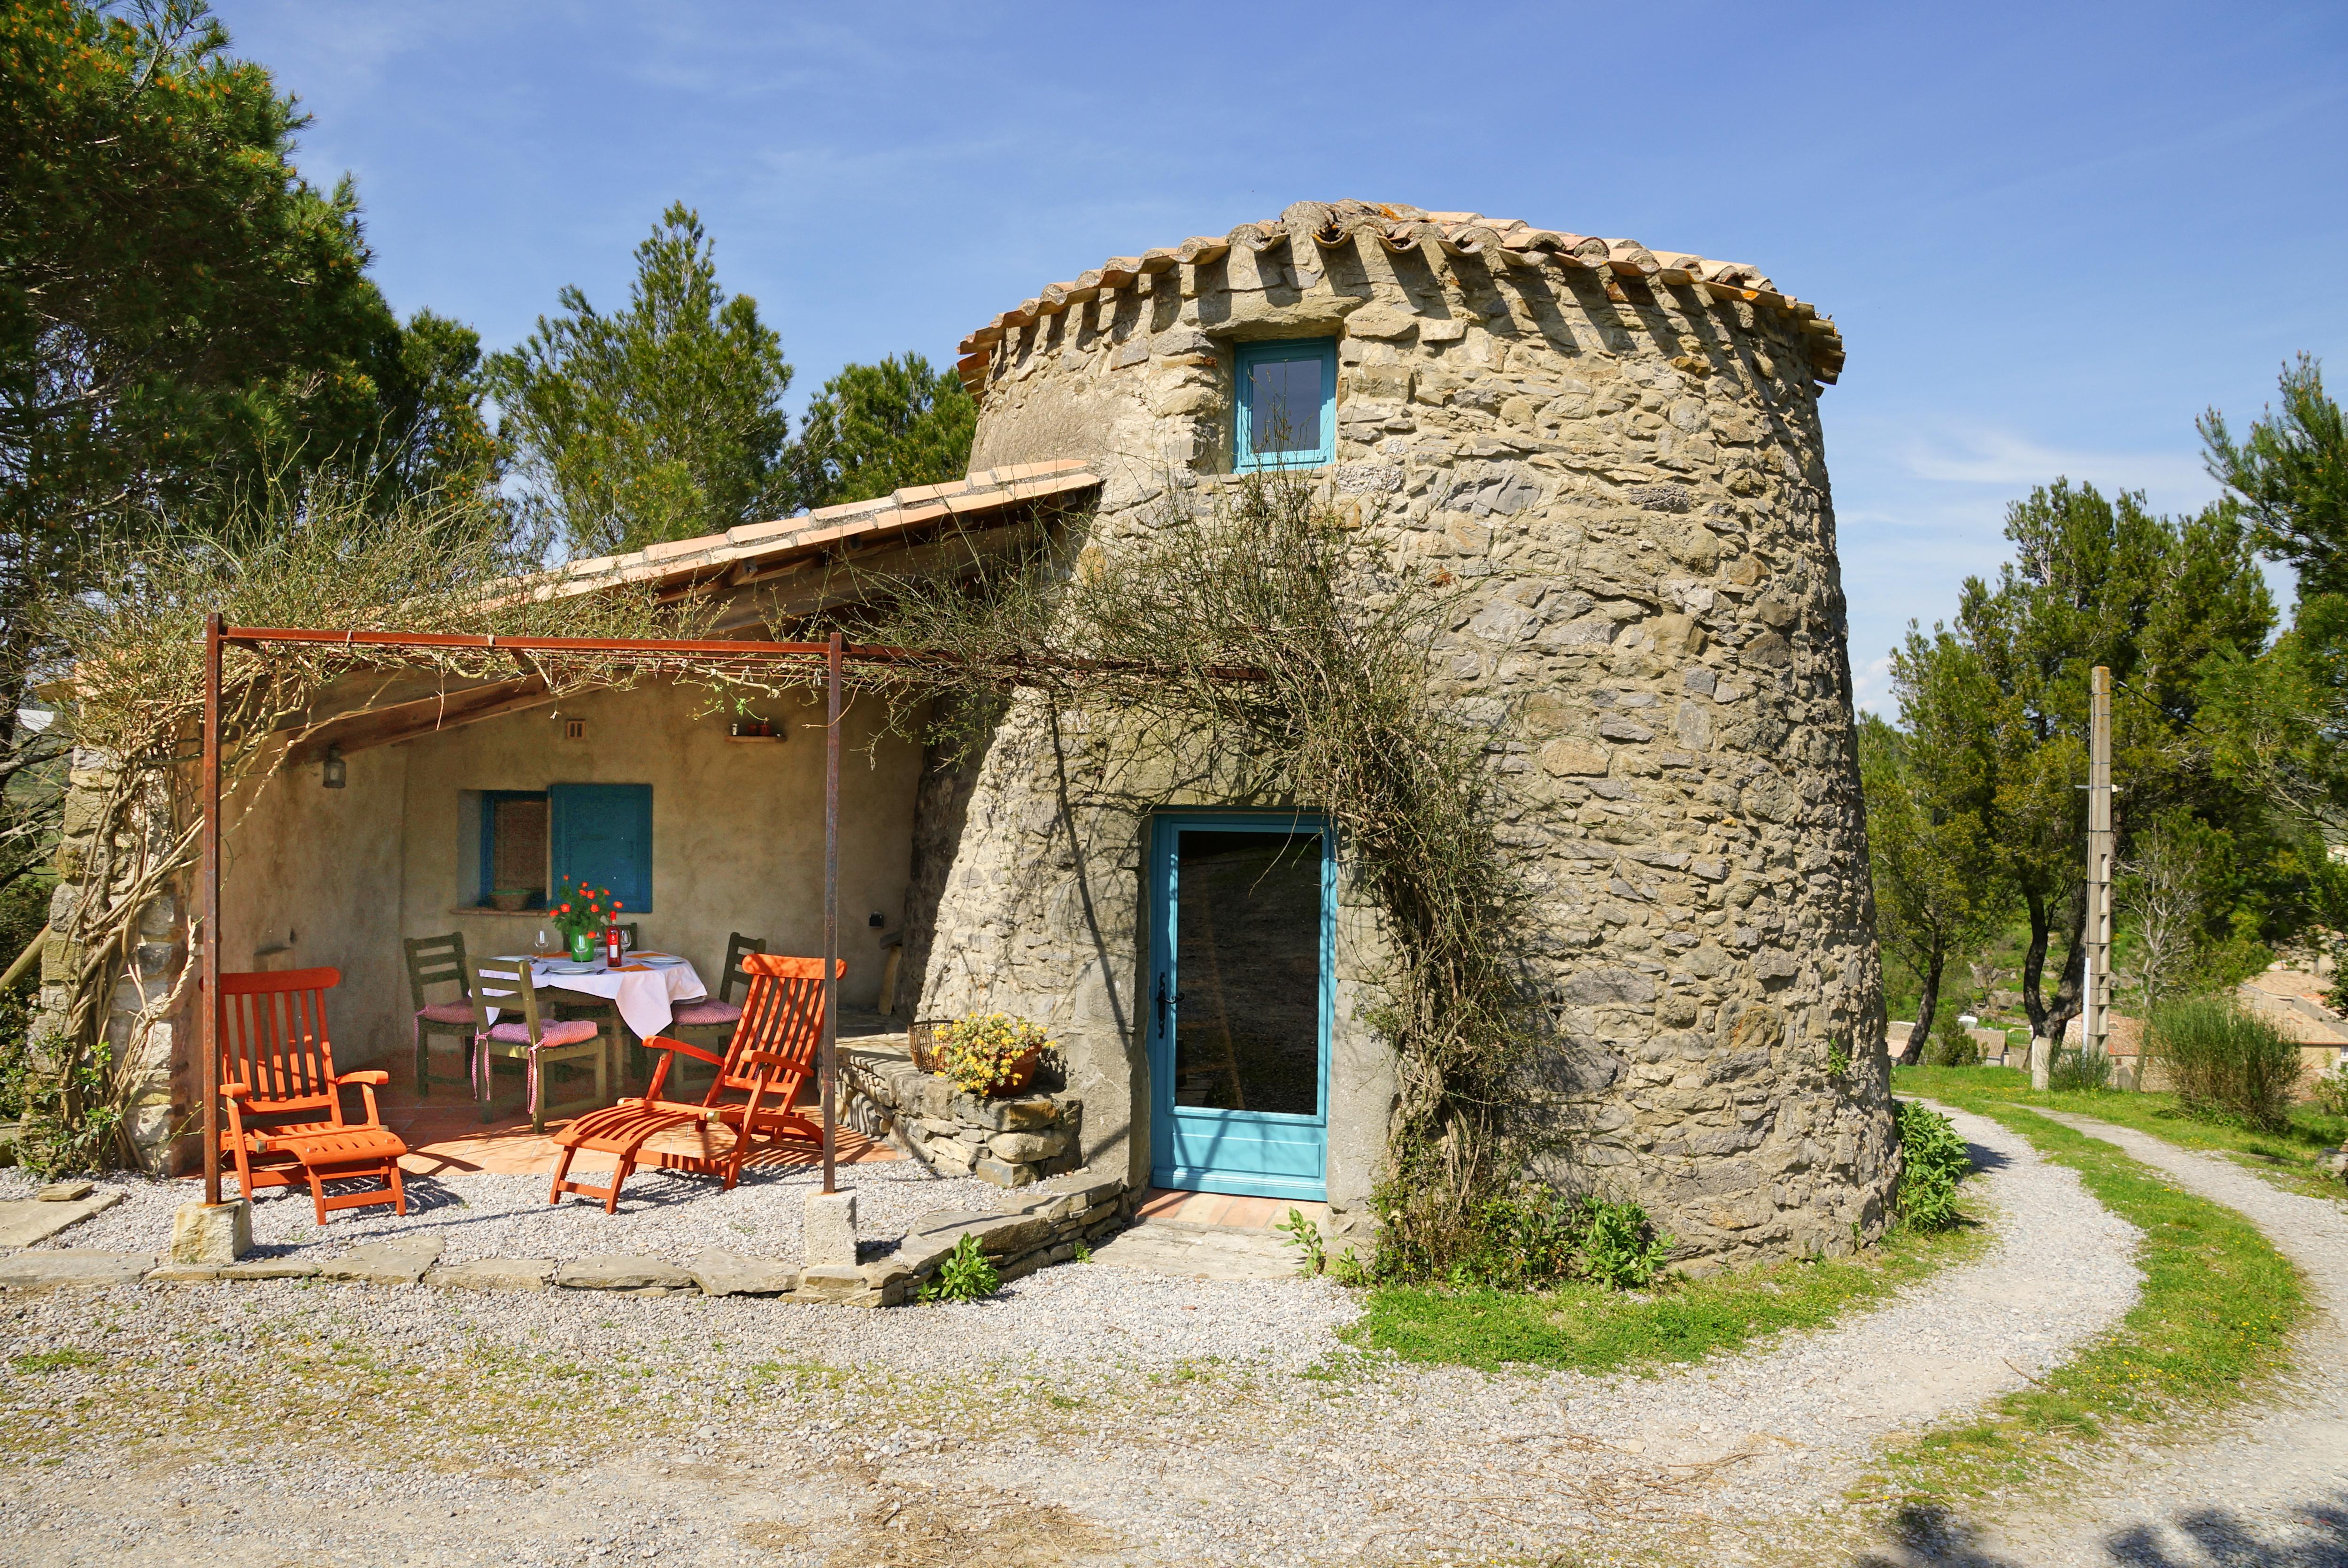 Wunderschön Außergewöhnliche Ferienhäuser Beste Wahl Moulin De Bissat, Lagrasse, Sommer